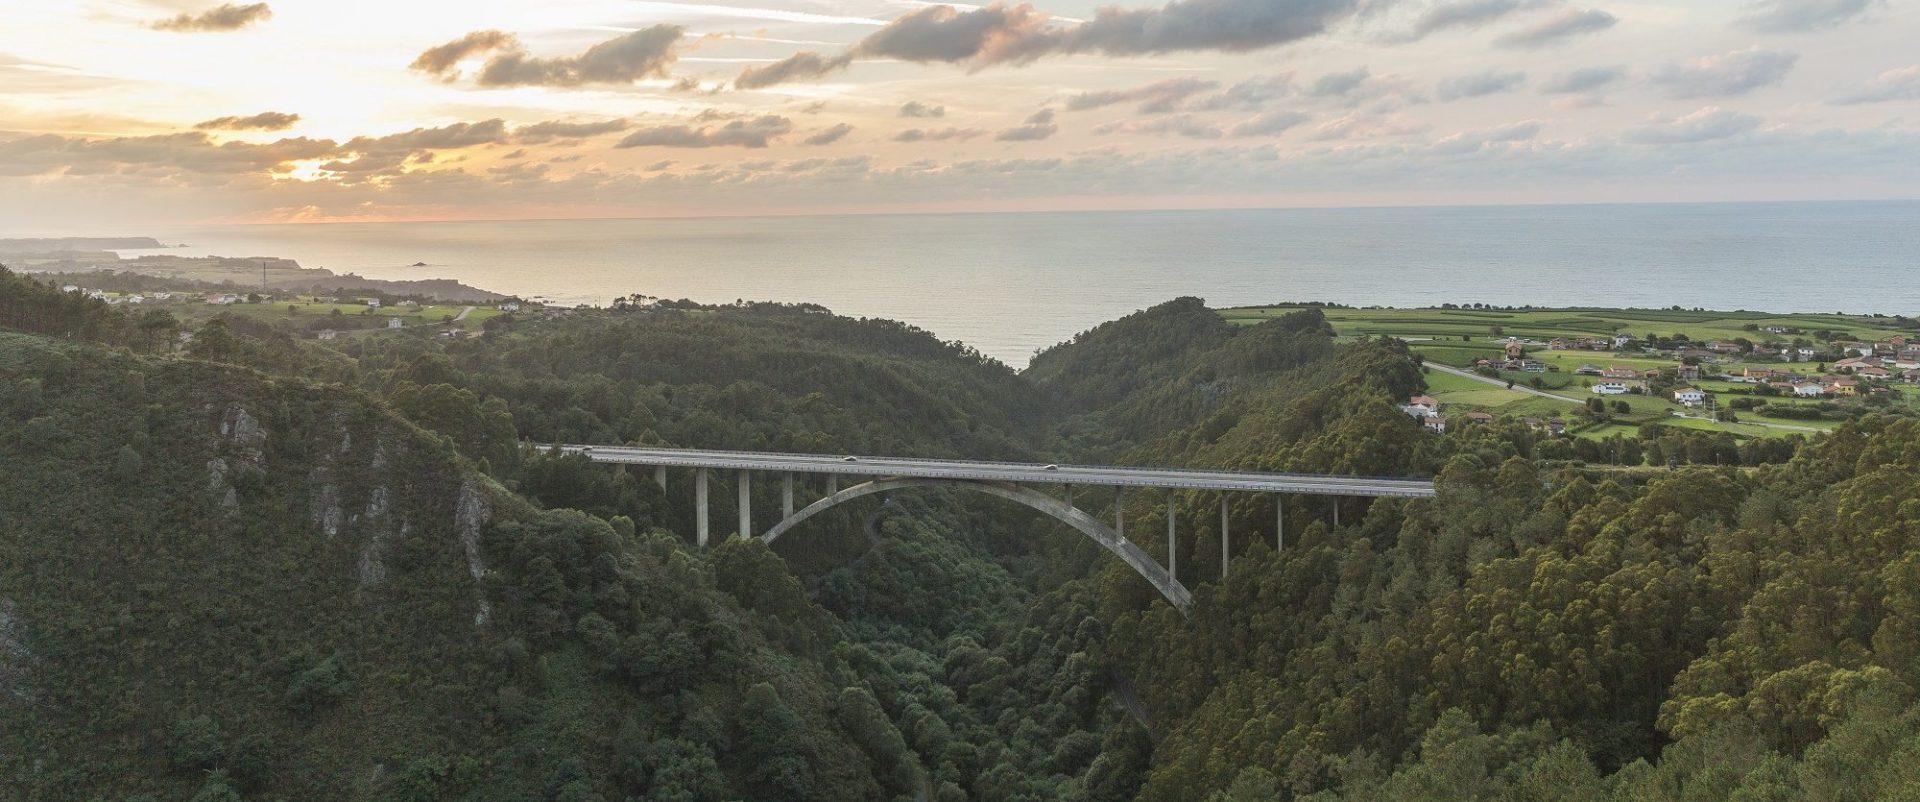 puesta de sol puente